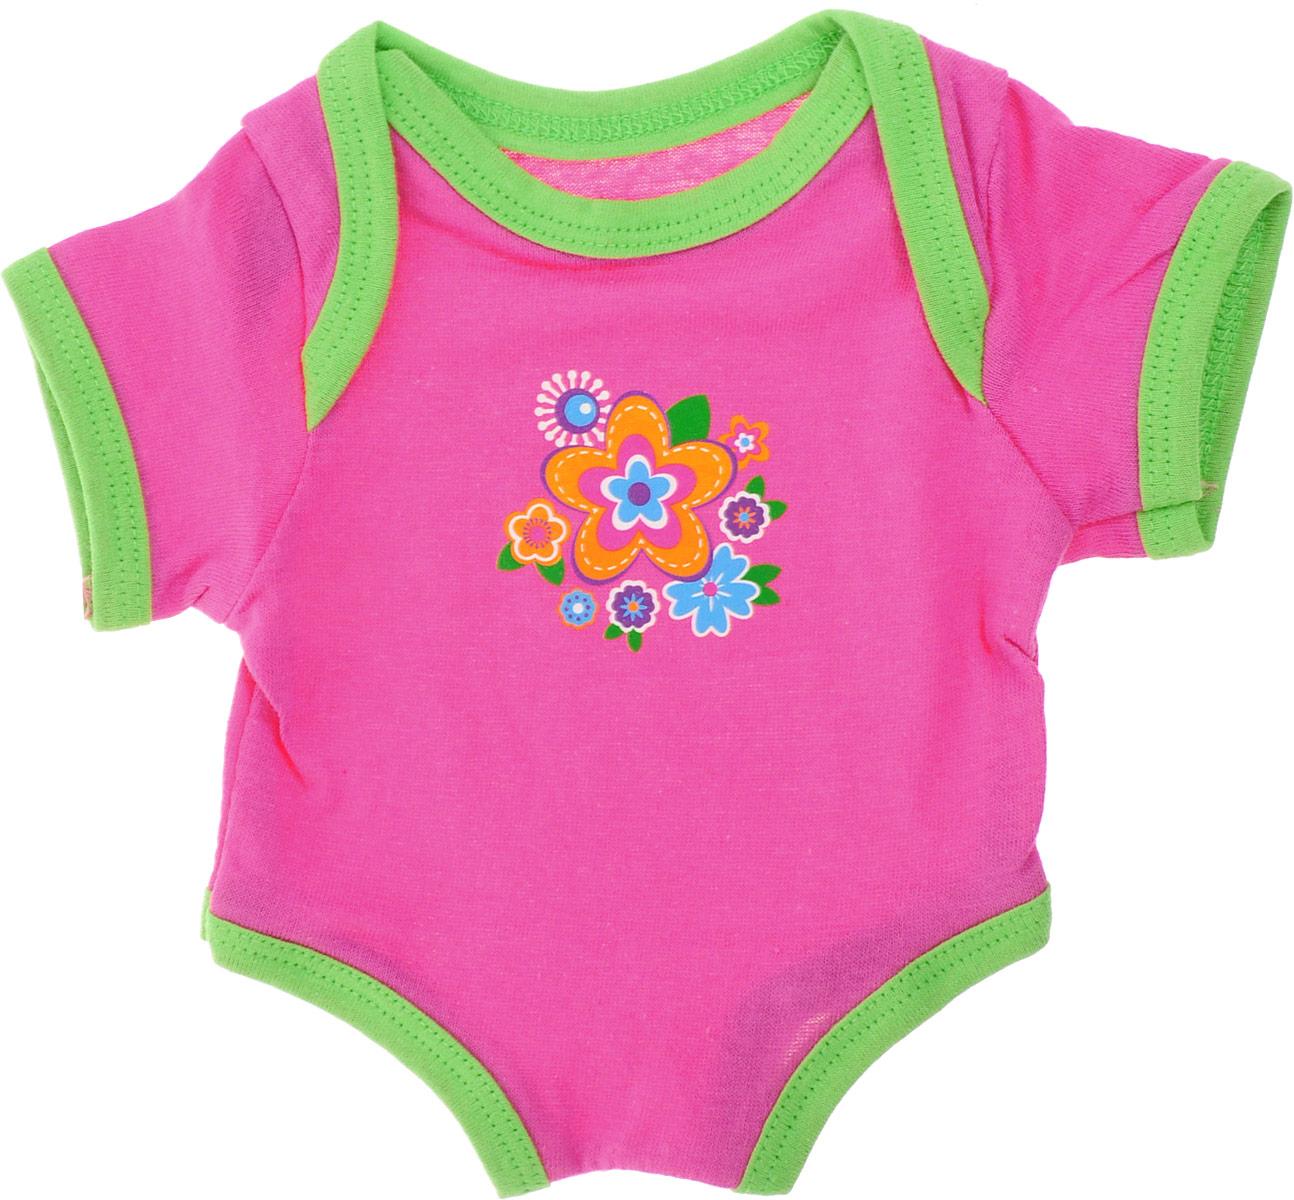 Mary Poppins Одежда для кукол Боди Цветочек одежда для новорождённых